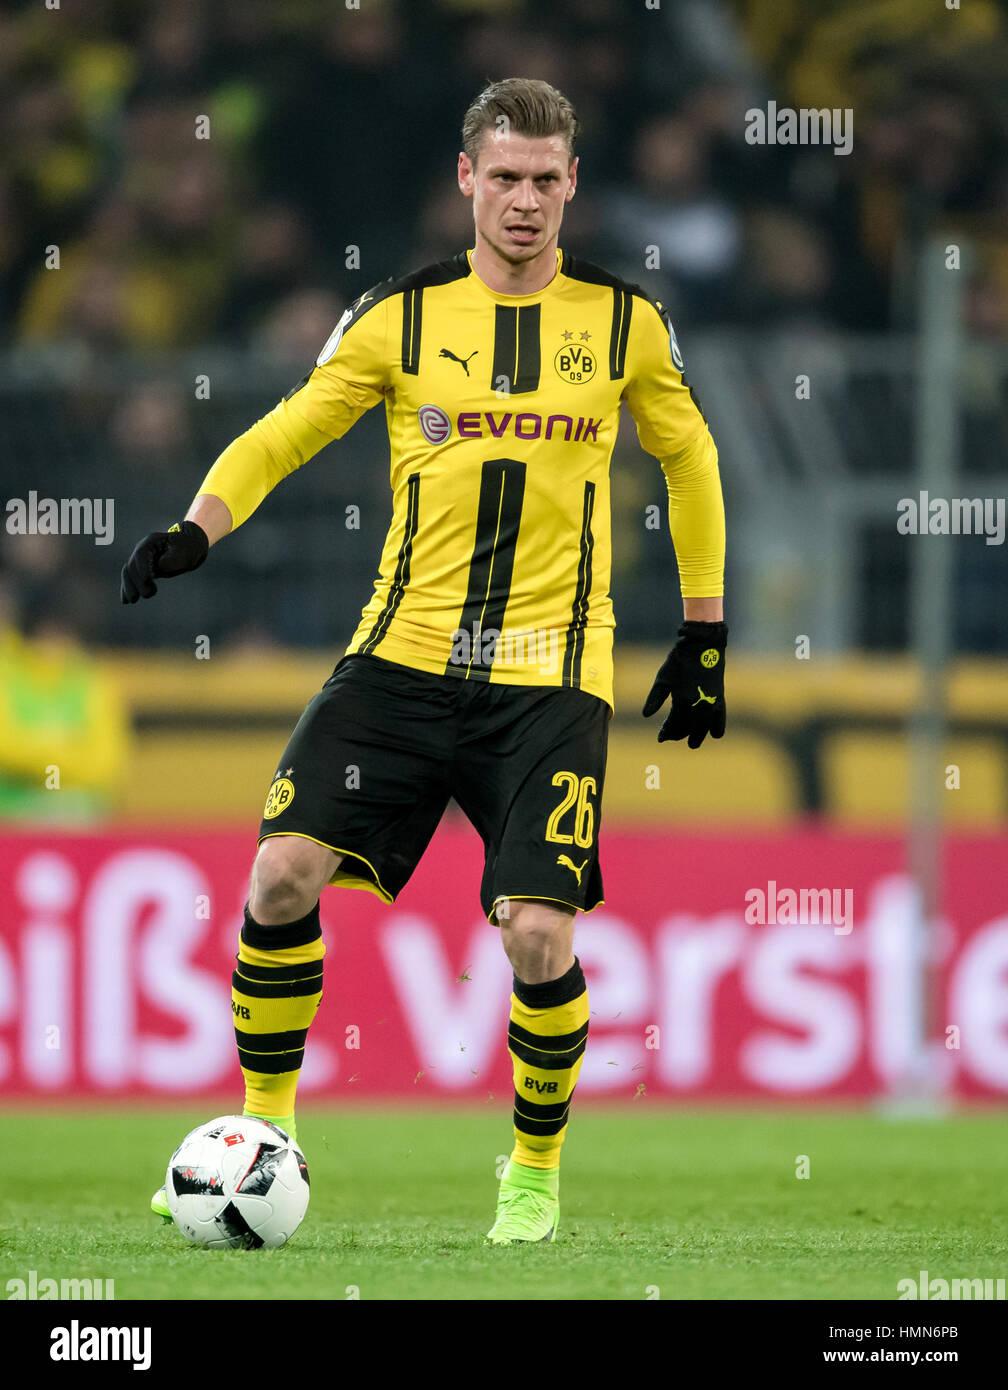 Dortmund Germany 8th Feb 2017 Dortmund s Lukasz Piszczek in